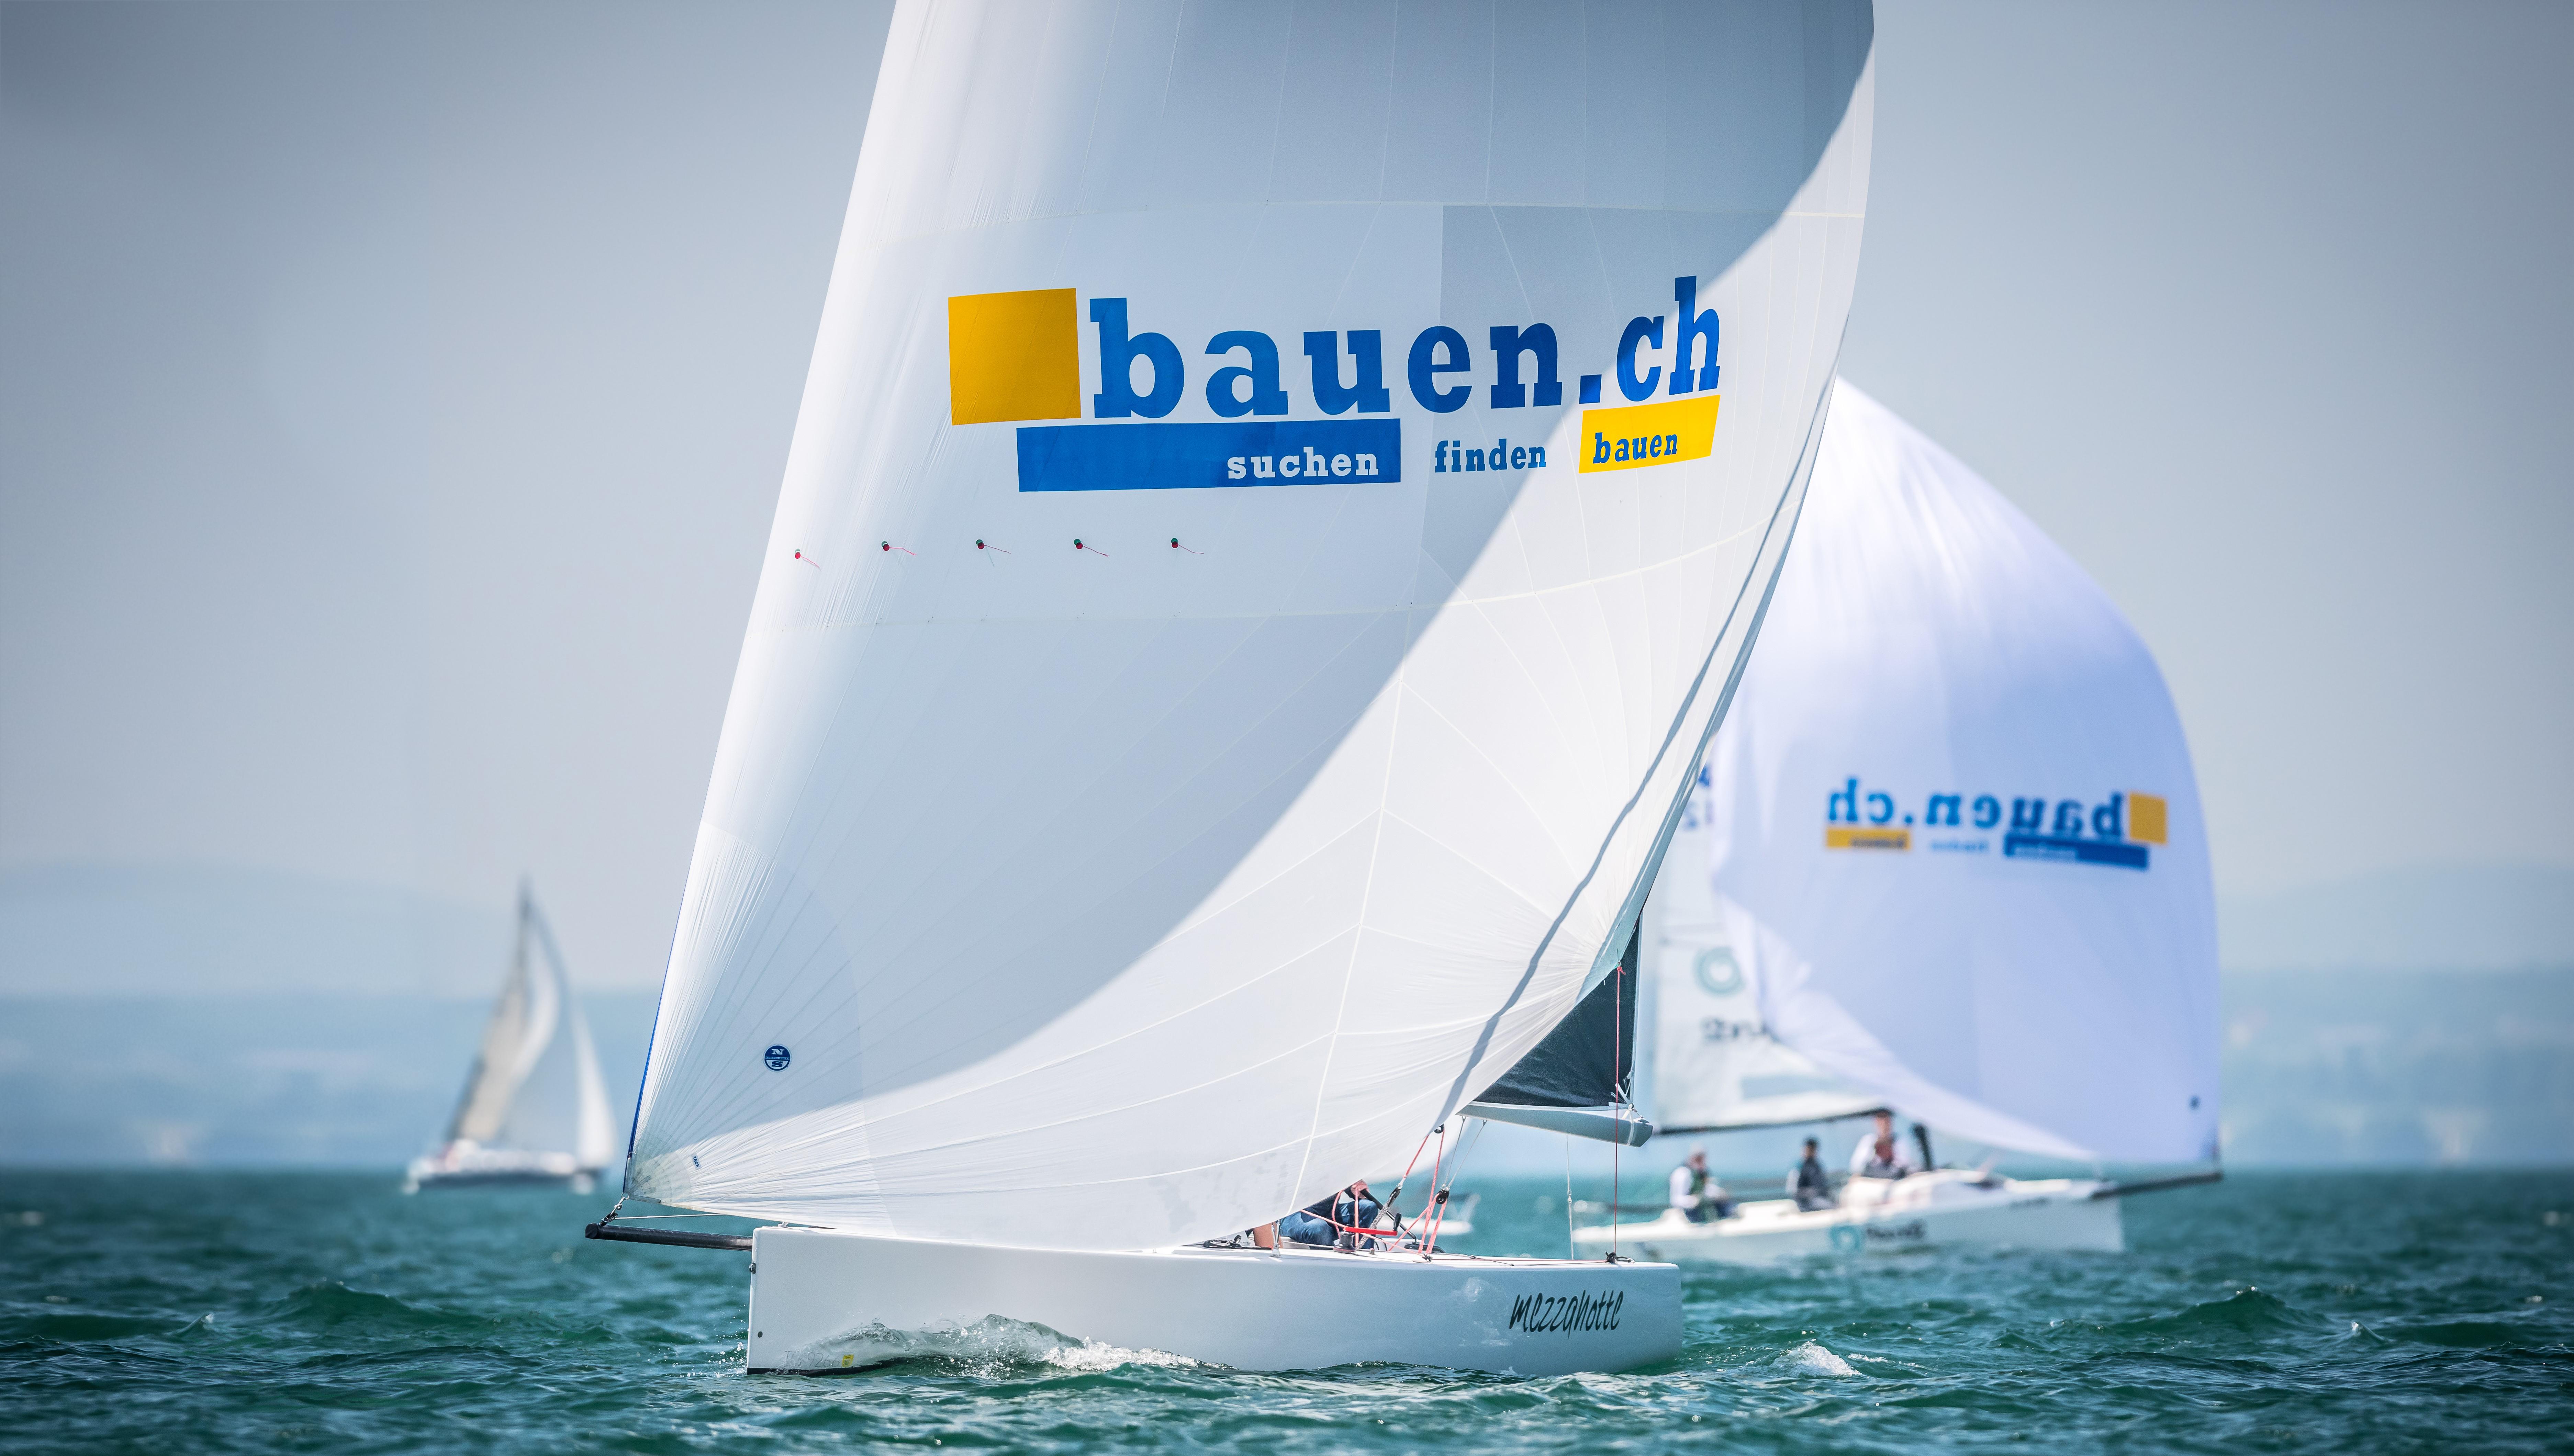 Sailing Team bauen.ch